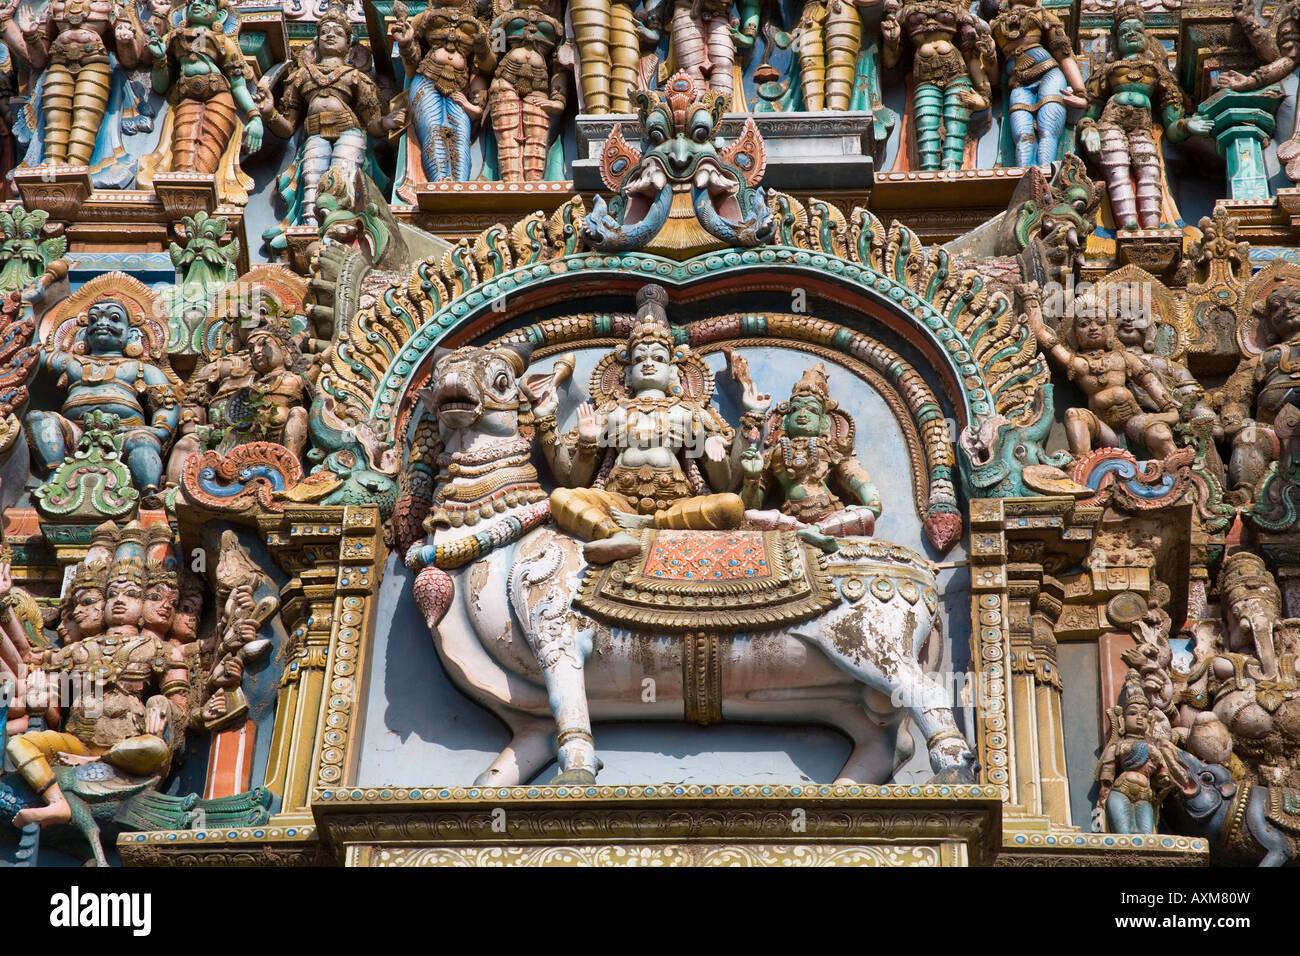 Carved Hindu Deity And Animal Figure, Meenakshi Temple, Nadu, India